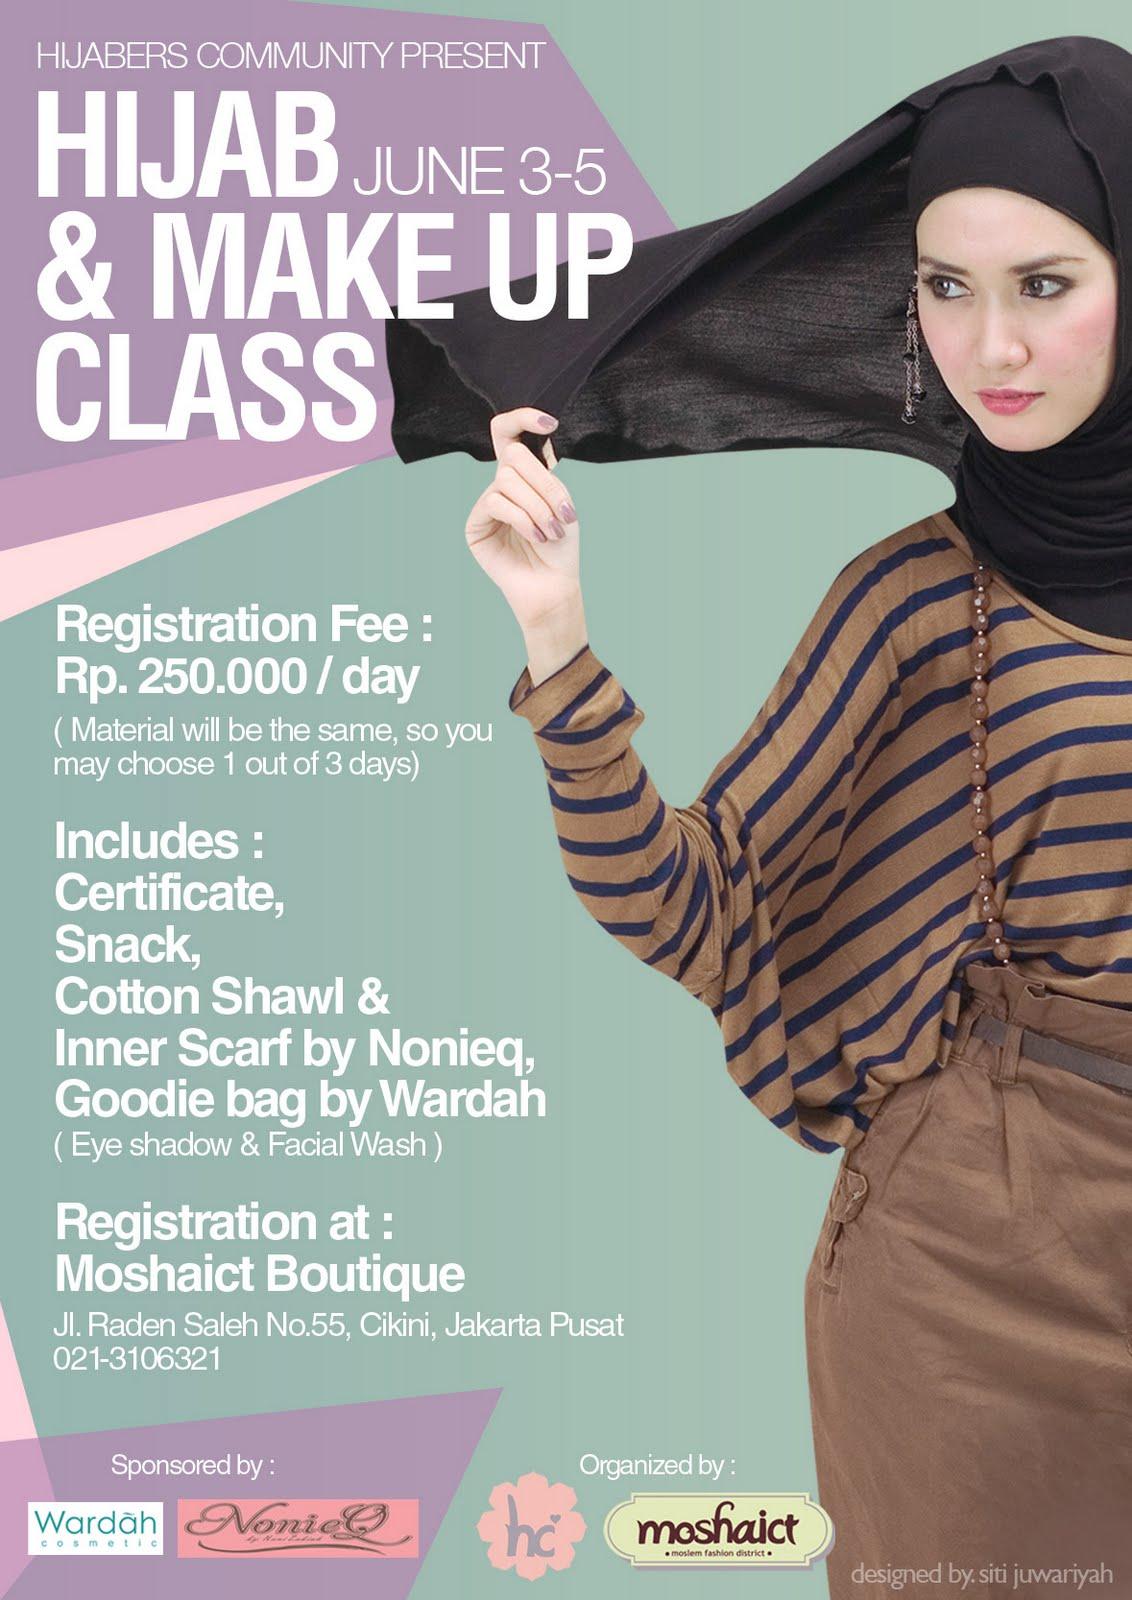 L!FE REPORT: Hijab Class by Hijabers Community